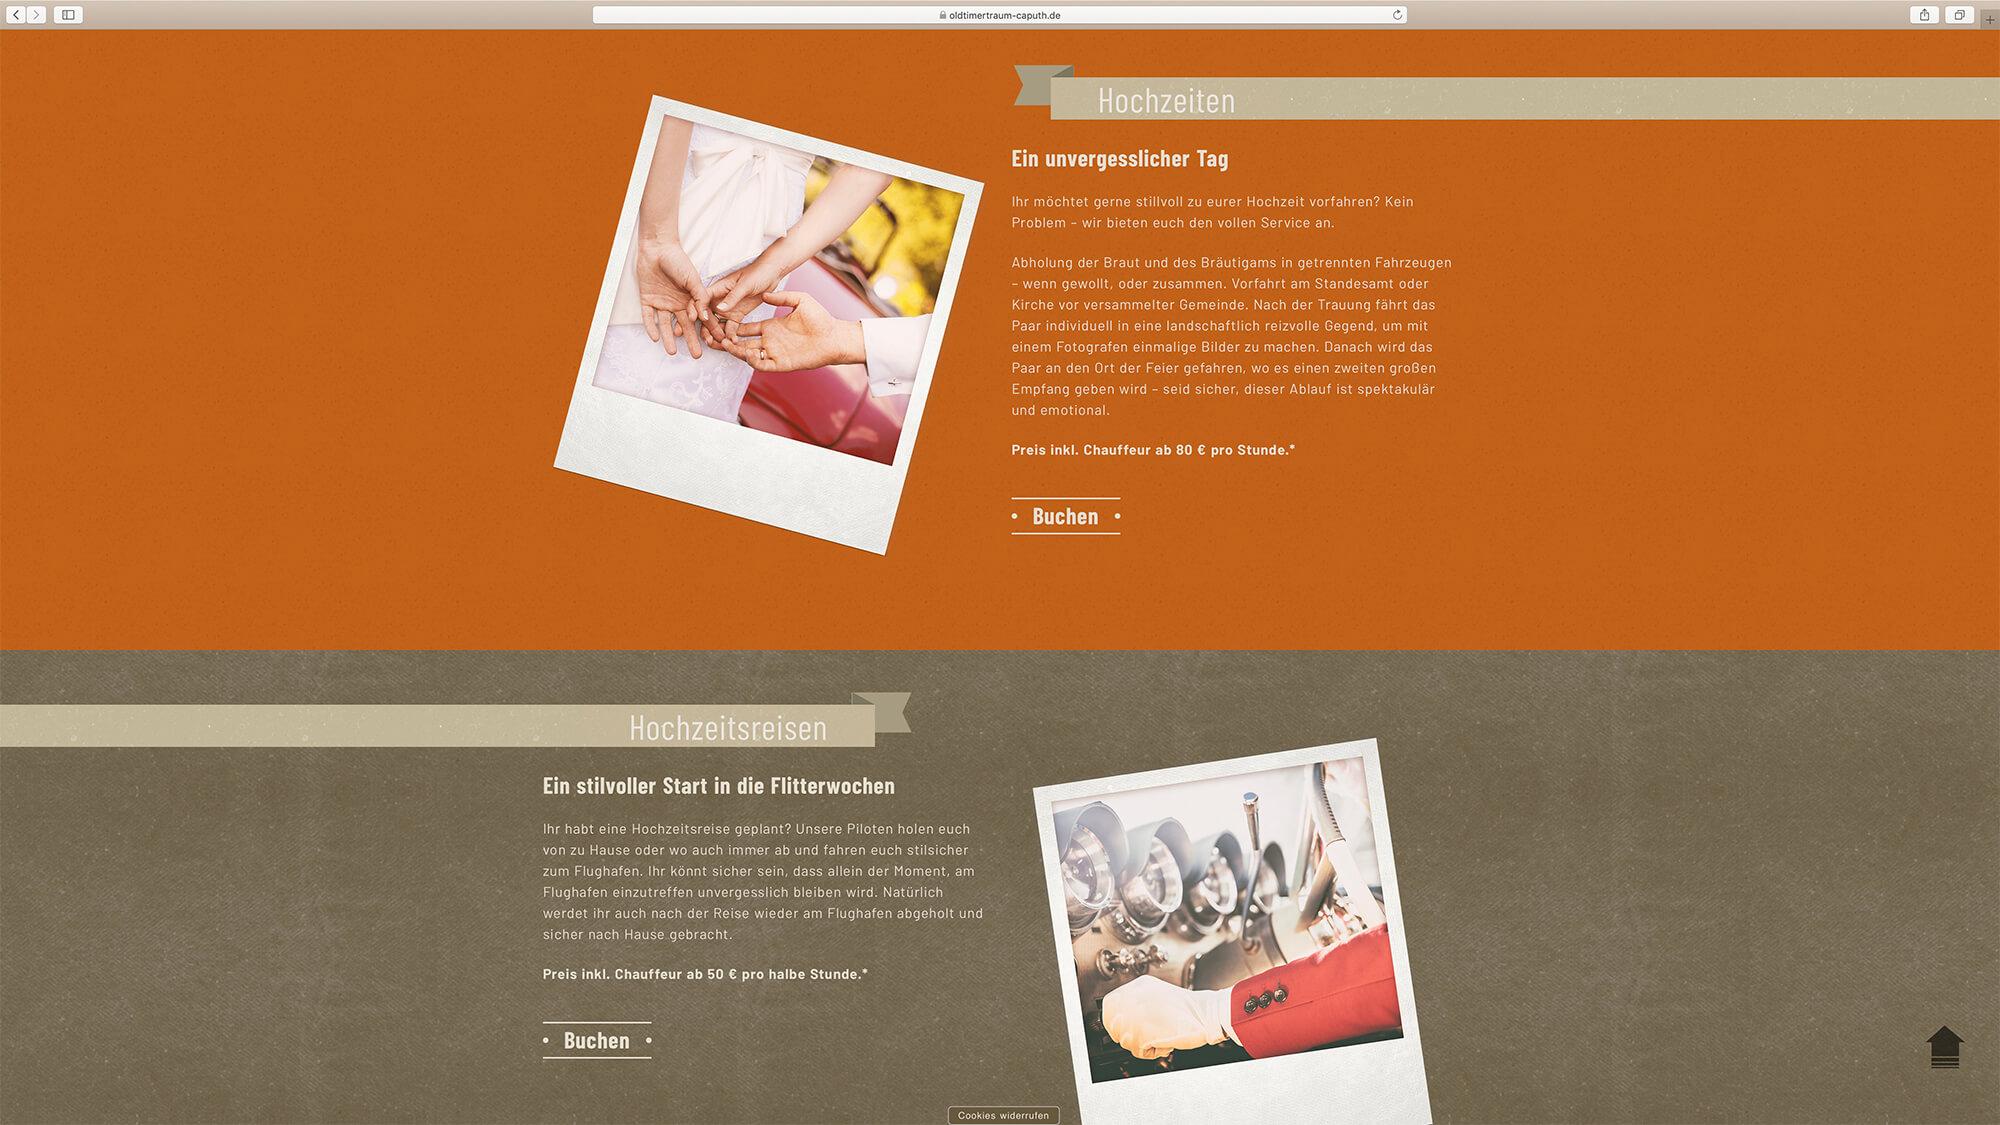 jung und billig werbeagentur oldtimertraum caputh webdesign bildschirm 5 - Oldtimertraum Caputh